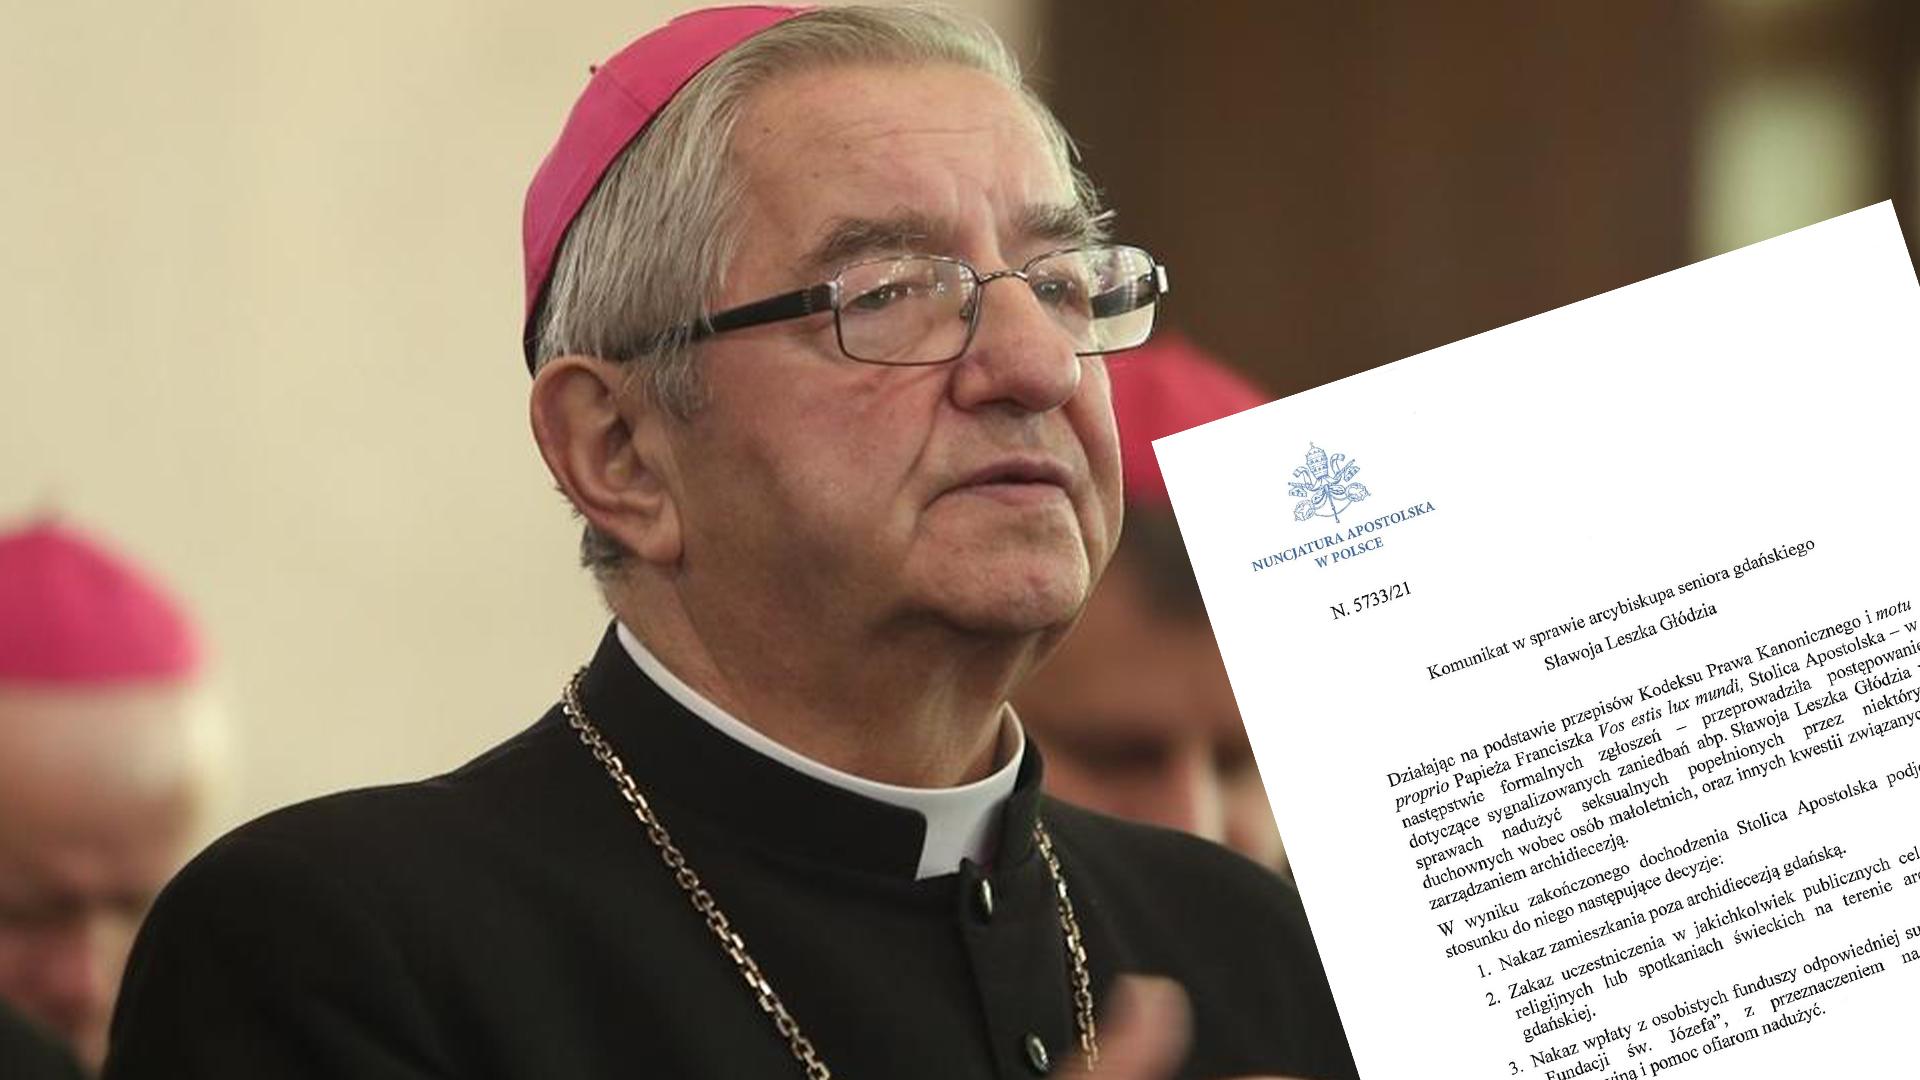 [PILNE] Papież ukarał abp. Głódzia i Janiaka za tuszowanie pedofilii